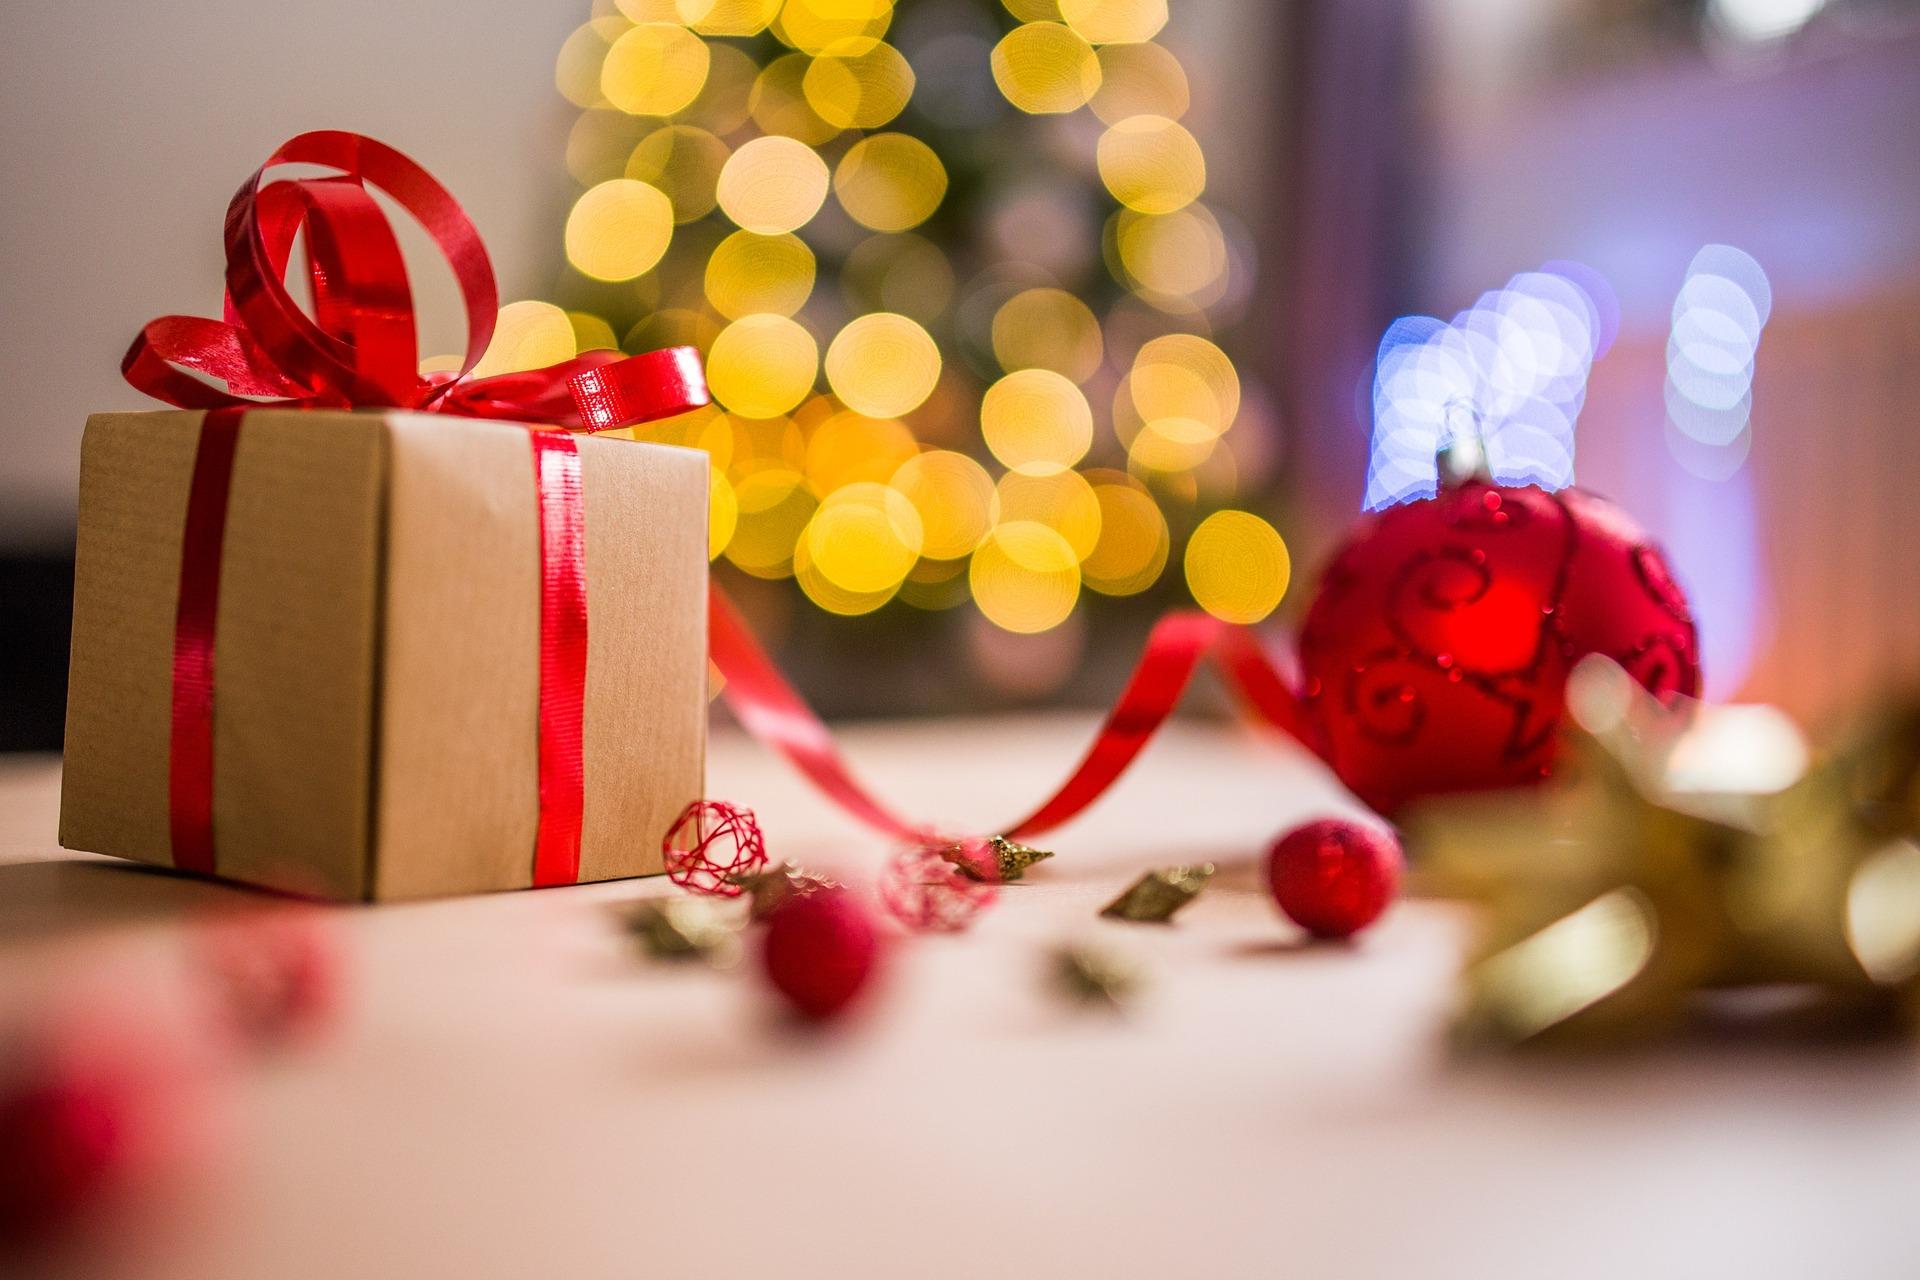 Objets insolites et cadeaux originaux